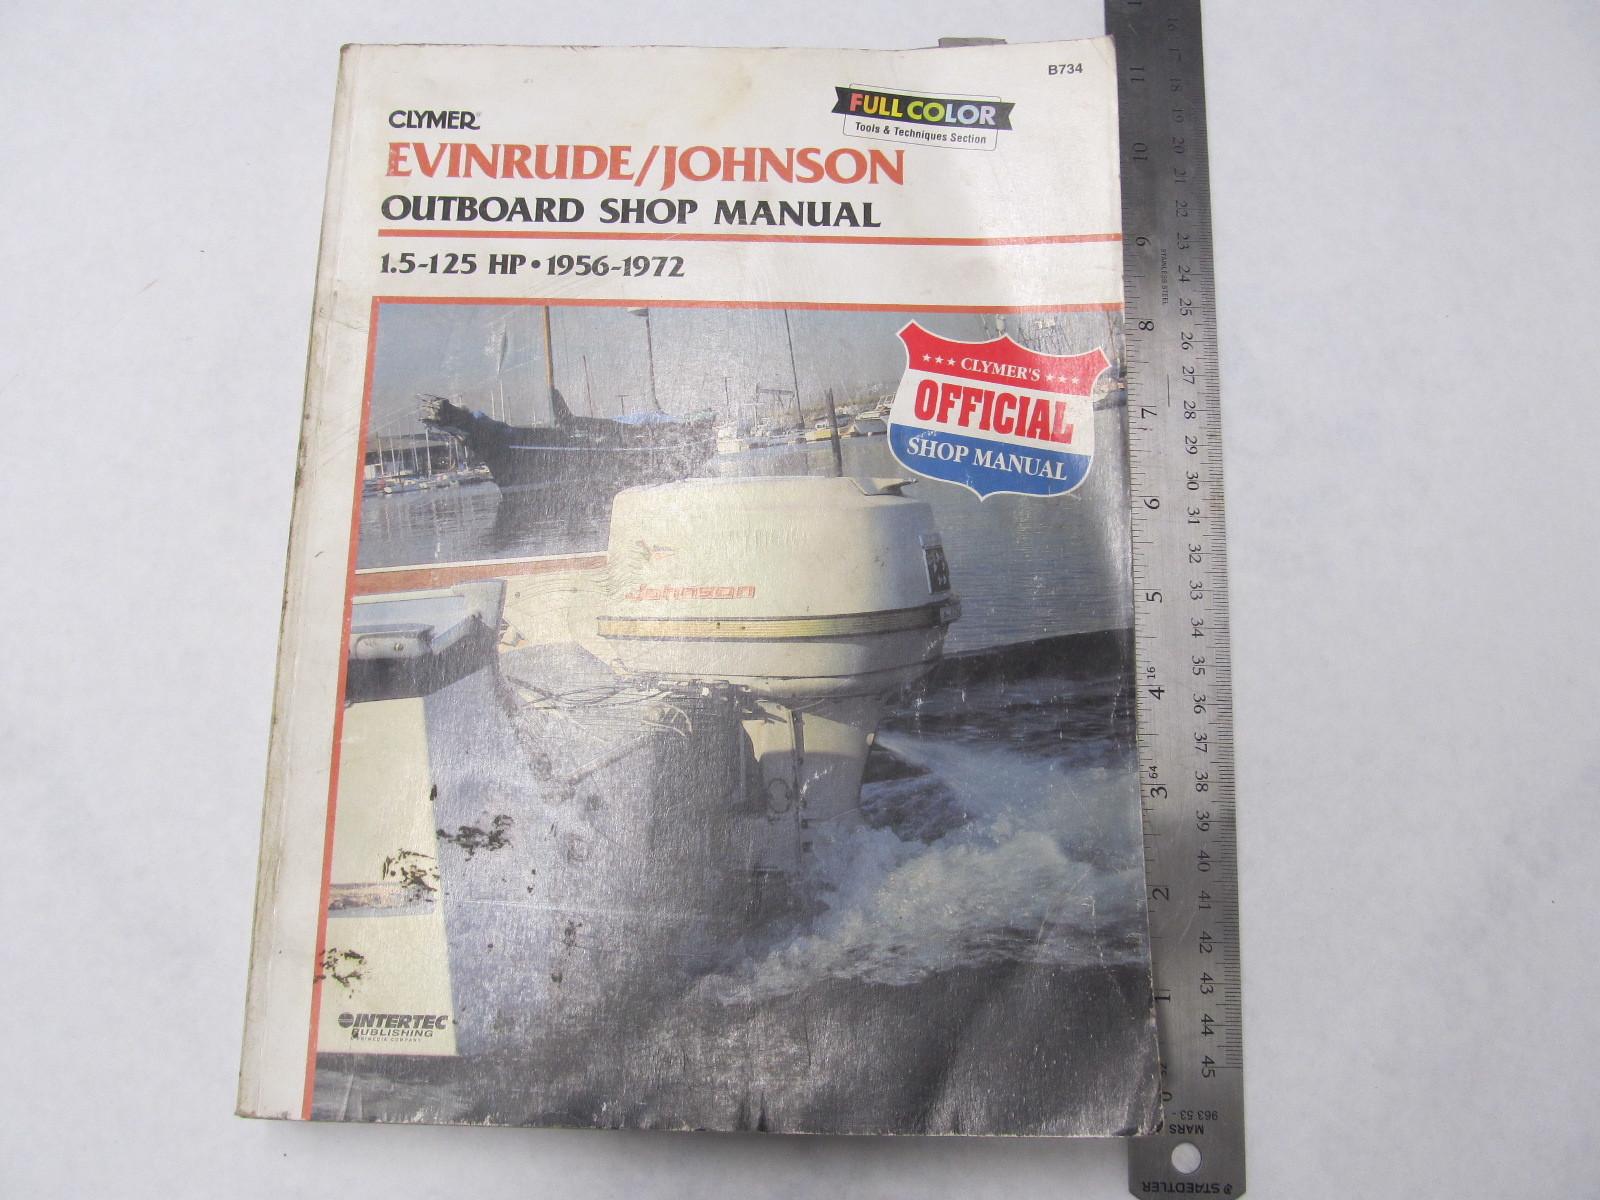 1956 1972 clymer evinrude johnson outboard shop manual 1 5. Black Bedroom Furniture Sets. Home Design Ideas